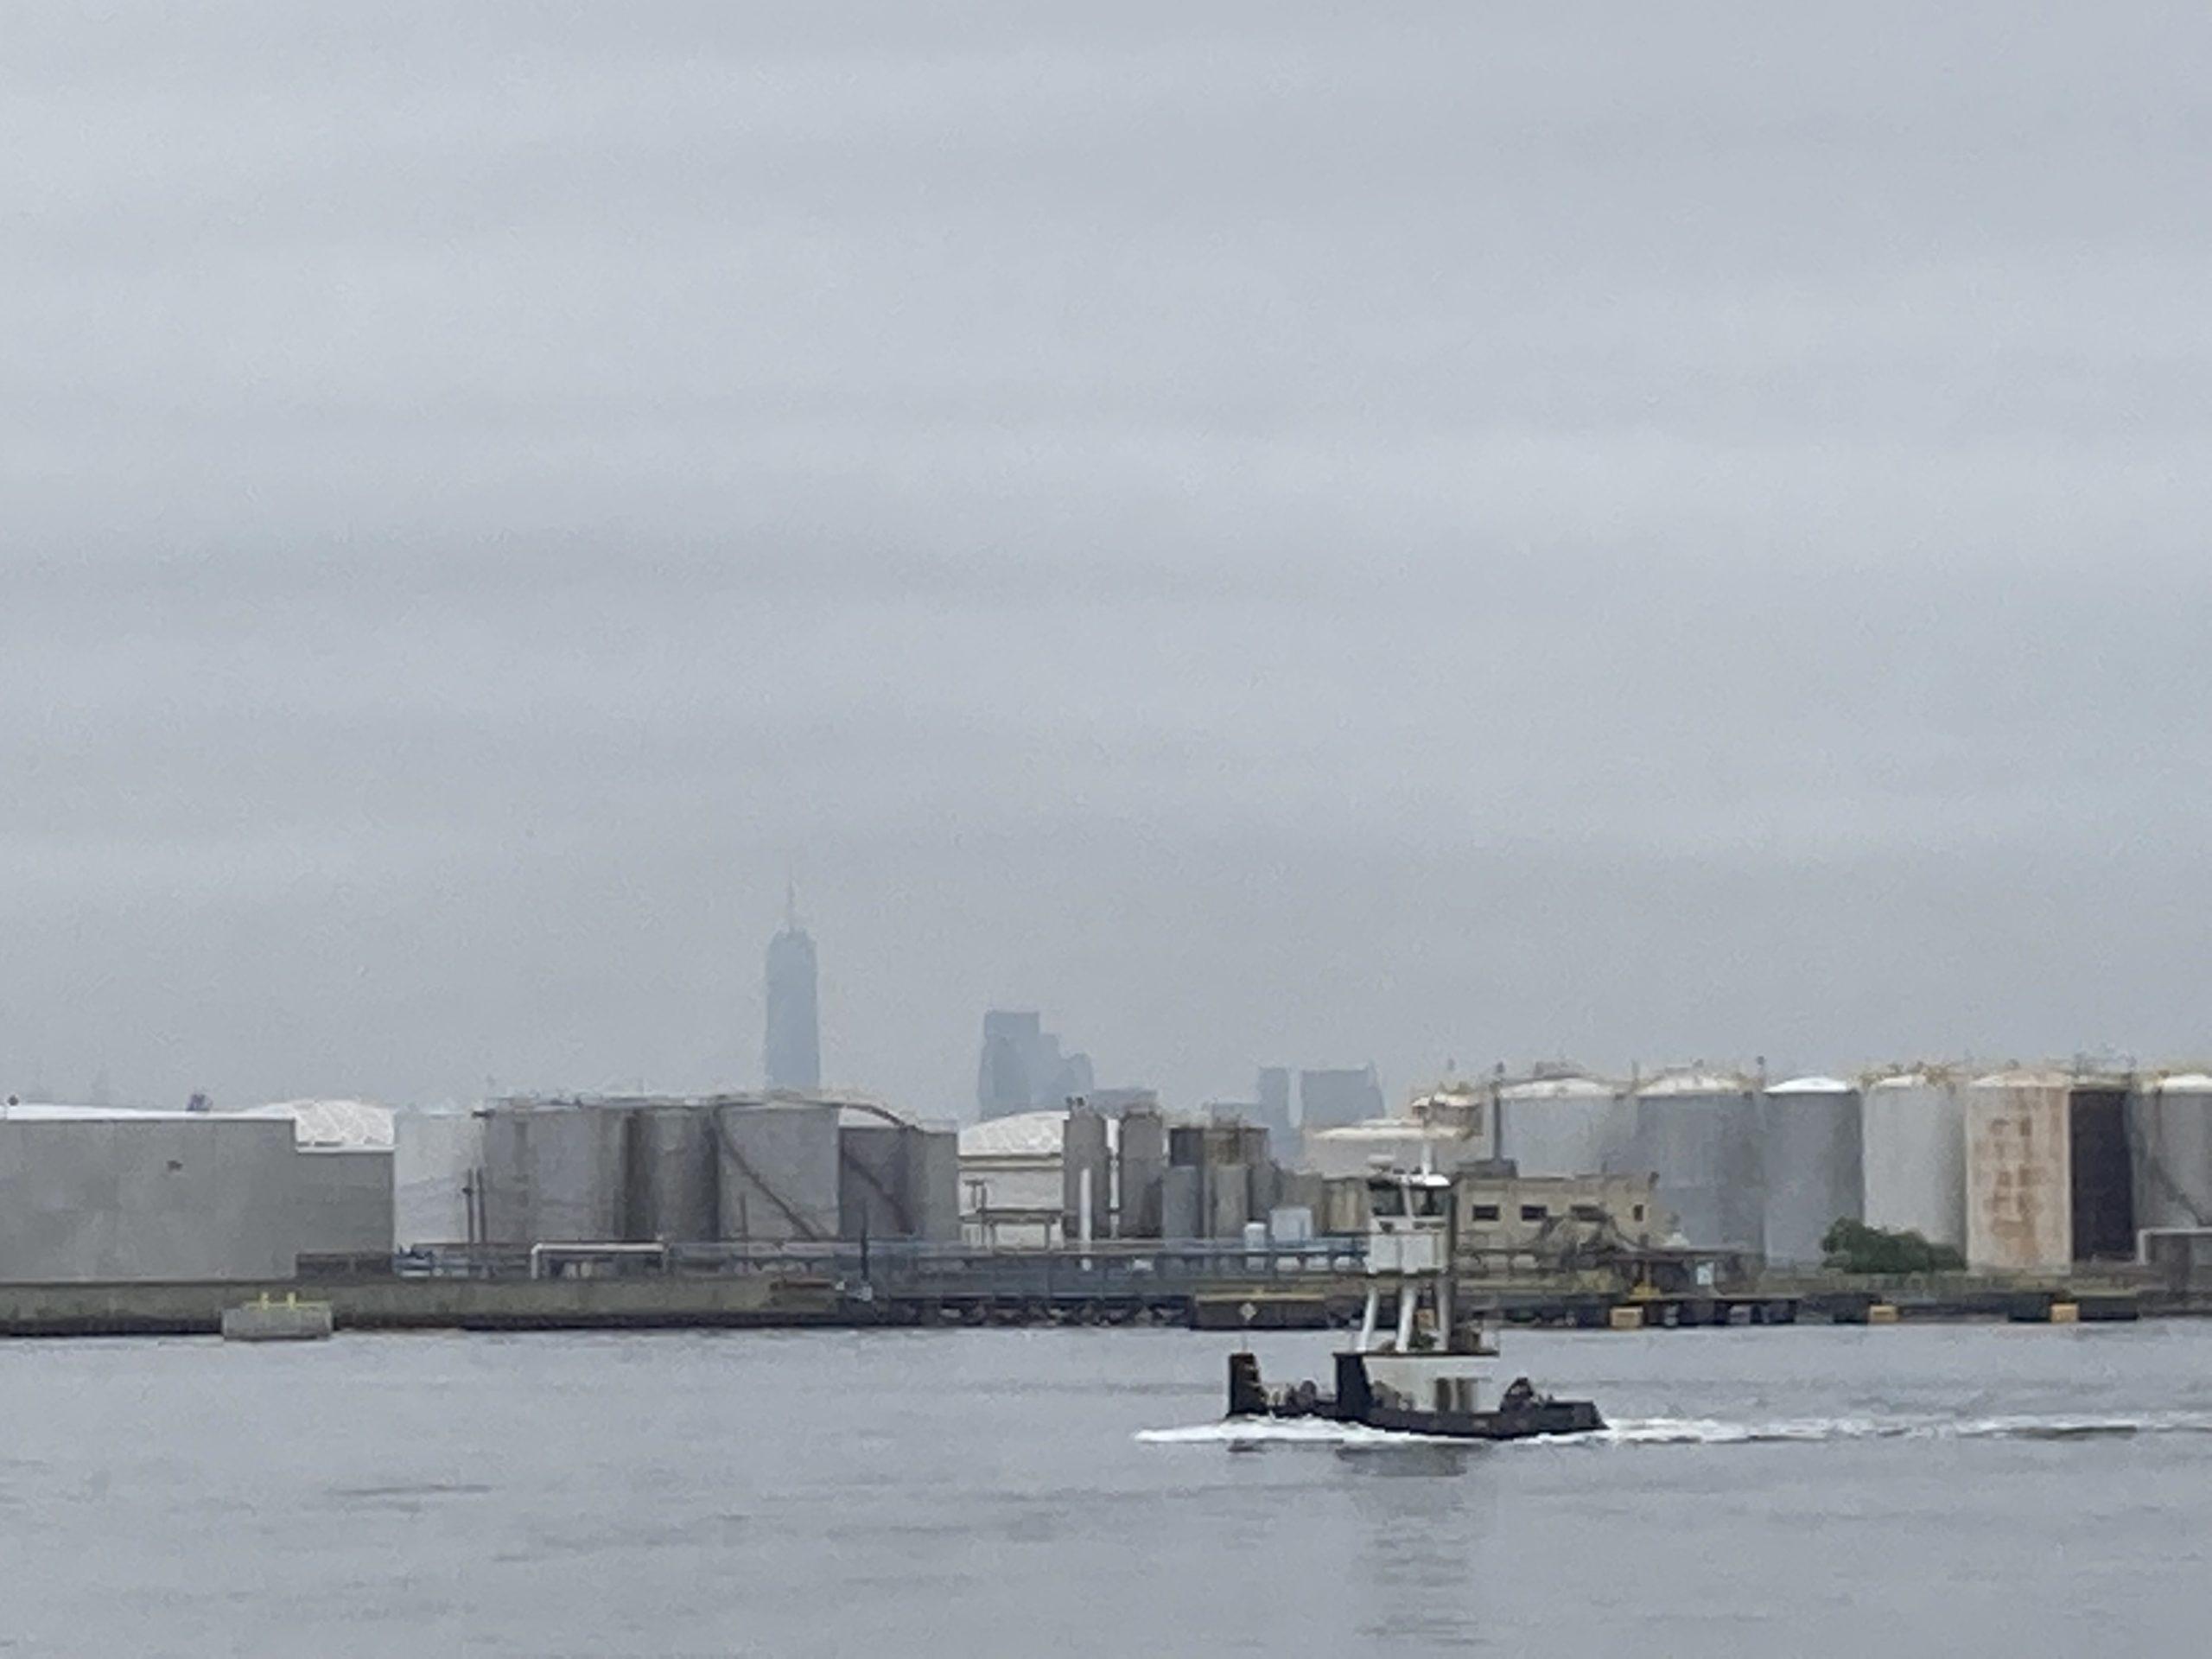 Tugboat in NY/NJ Harbor